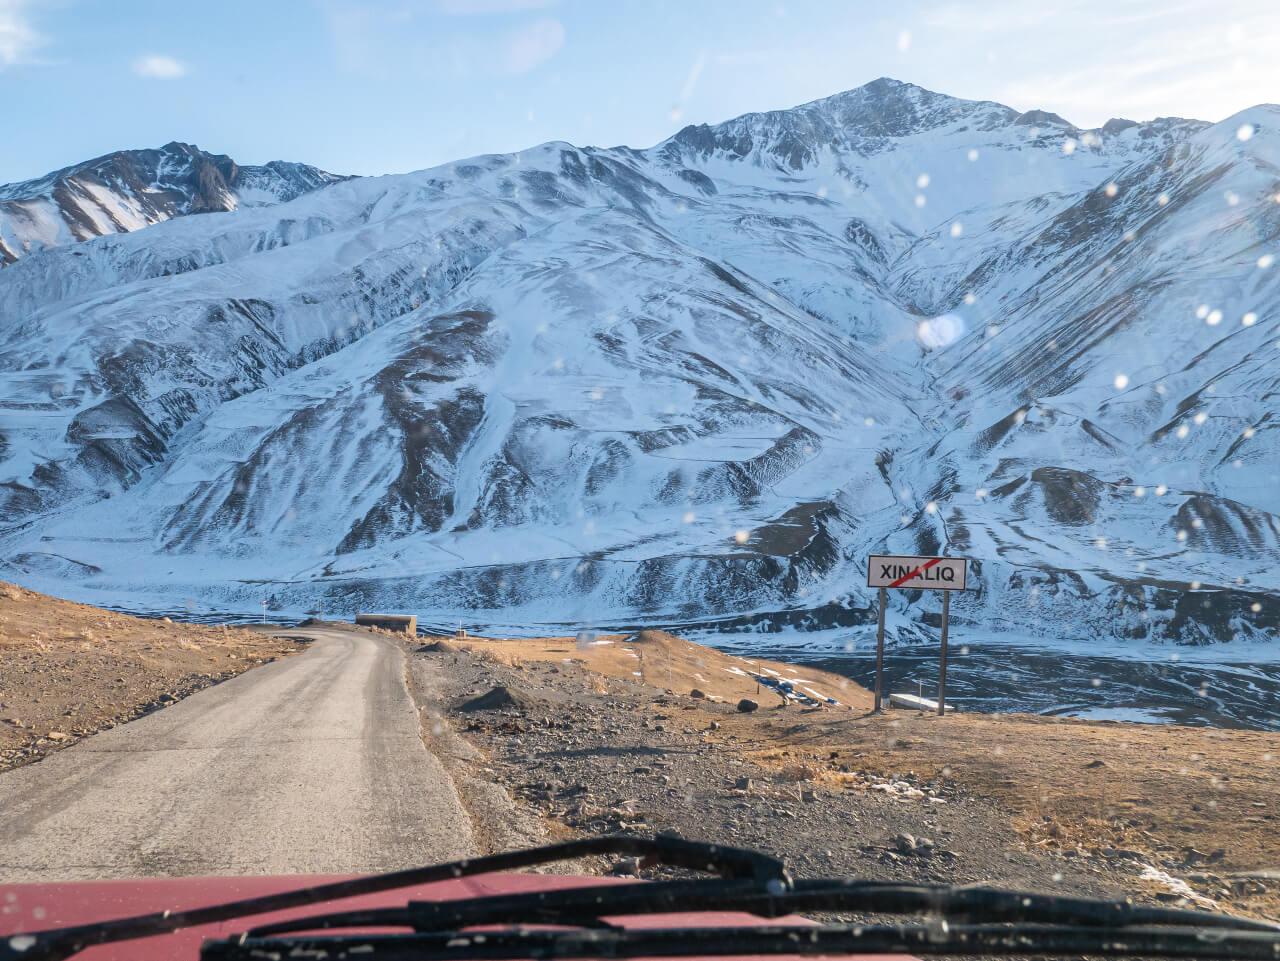 Droga wyjazdowa z Xinaliq do Quby